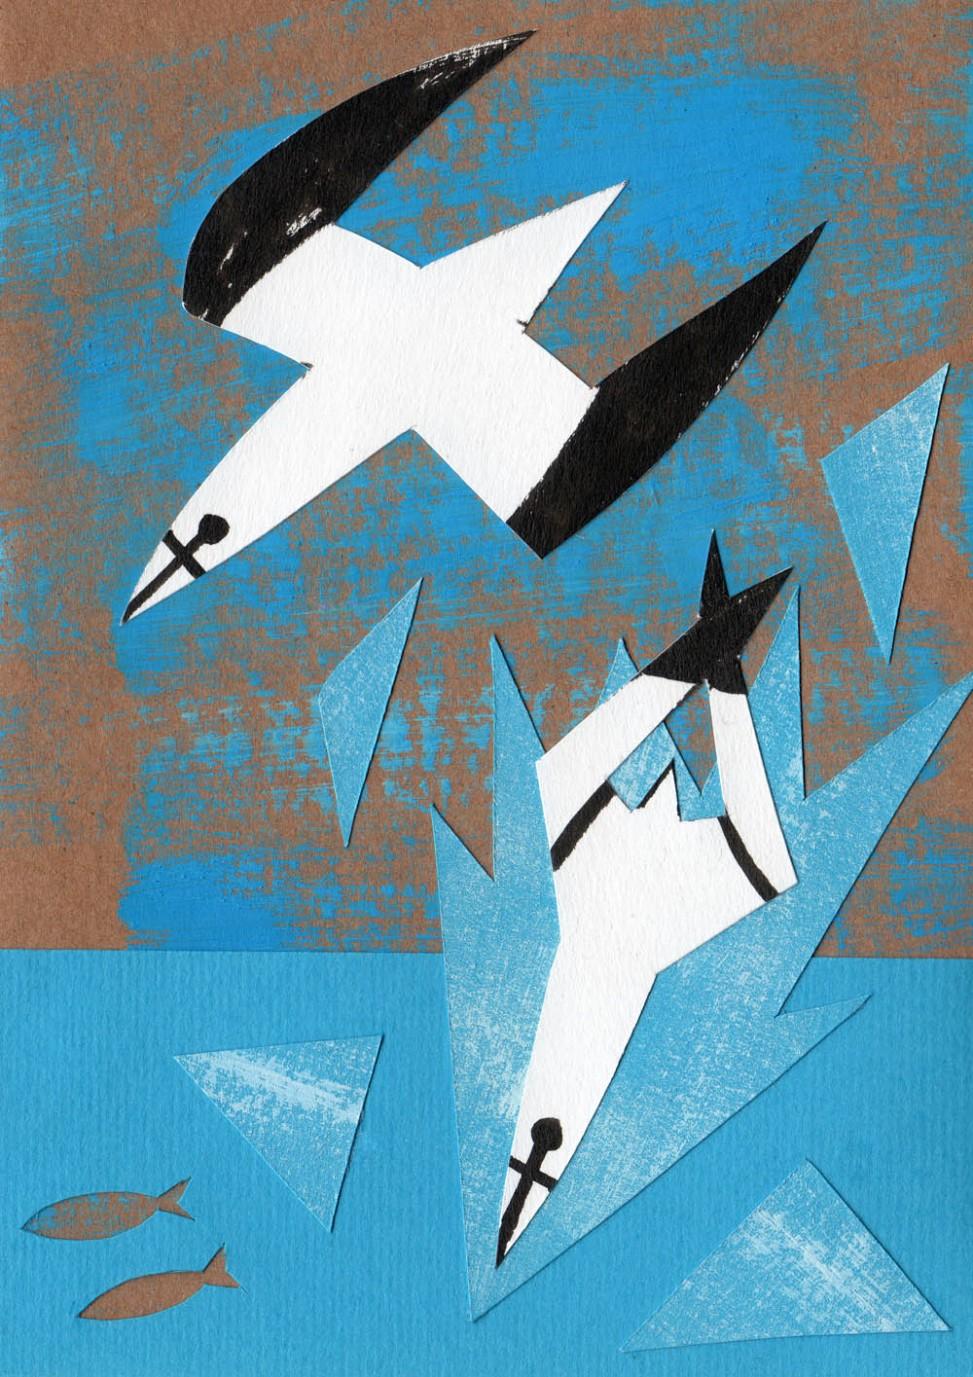 Diving gannets illustration by Matt Johnson